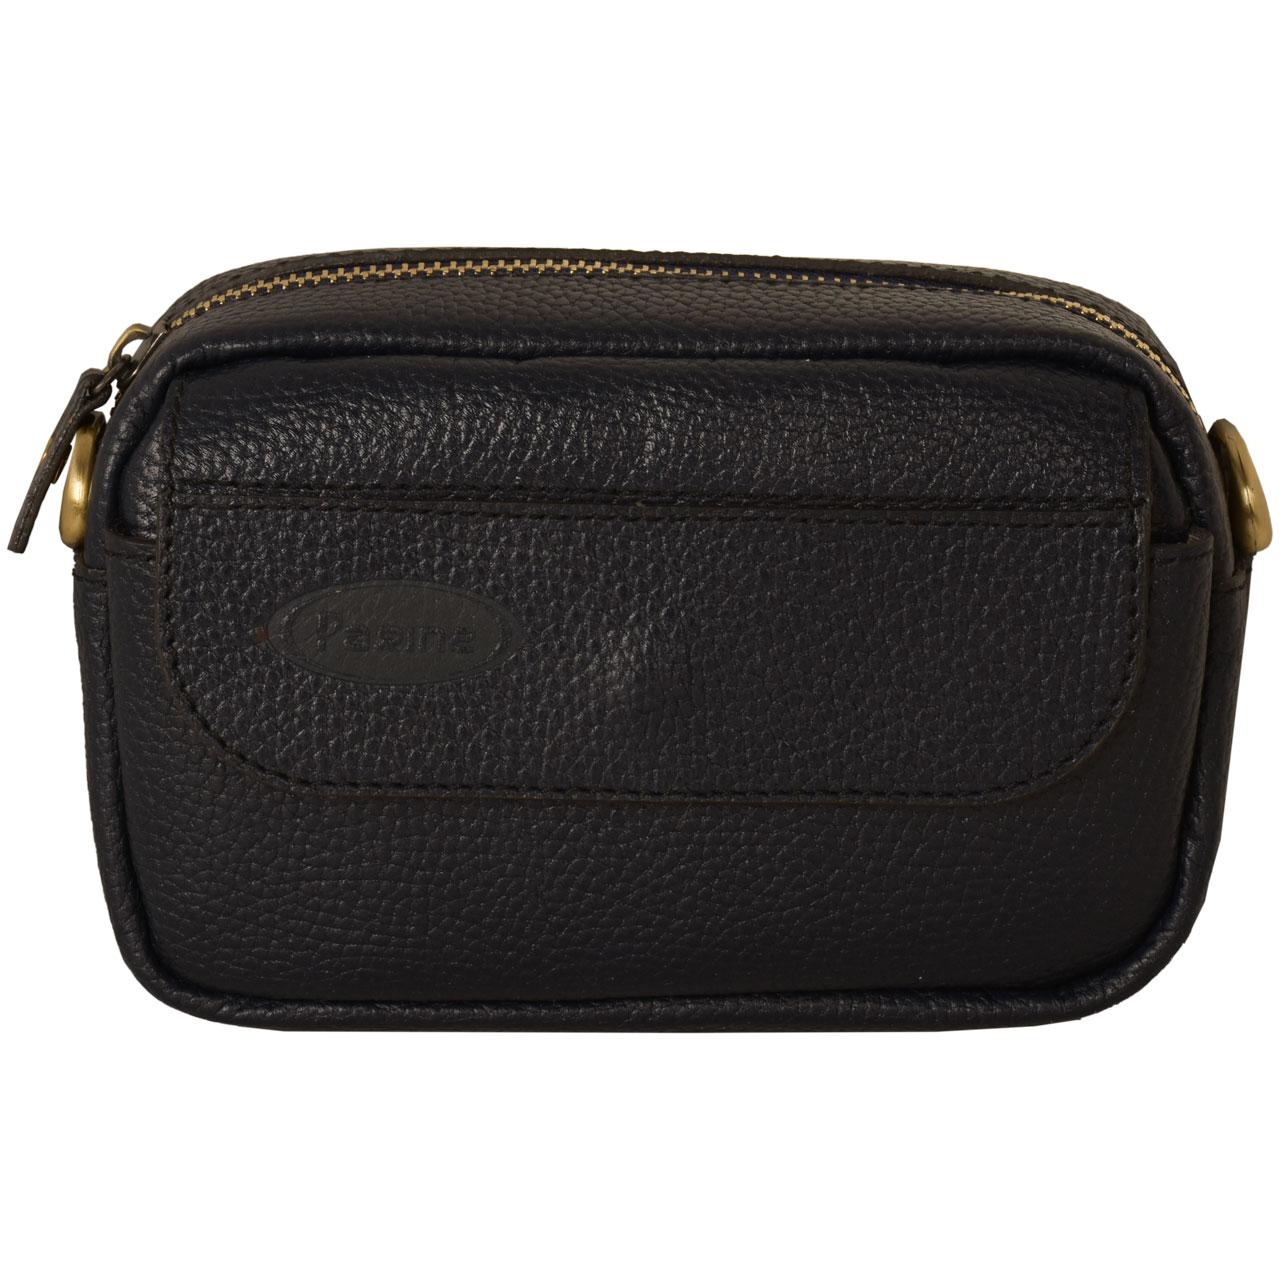 کیف دوشی مردانه پارینه چرم مدل db112-11